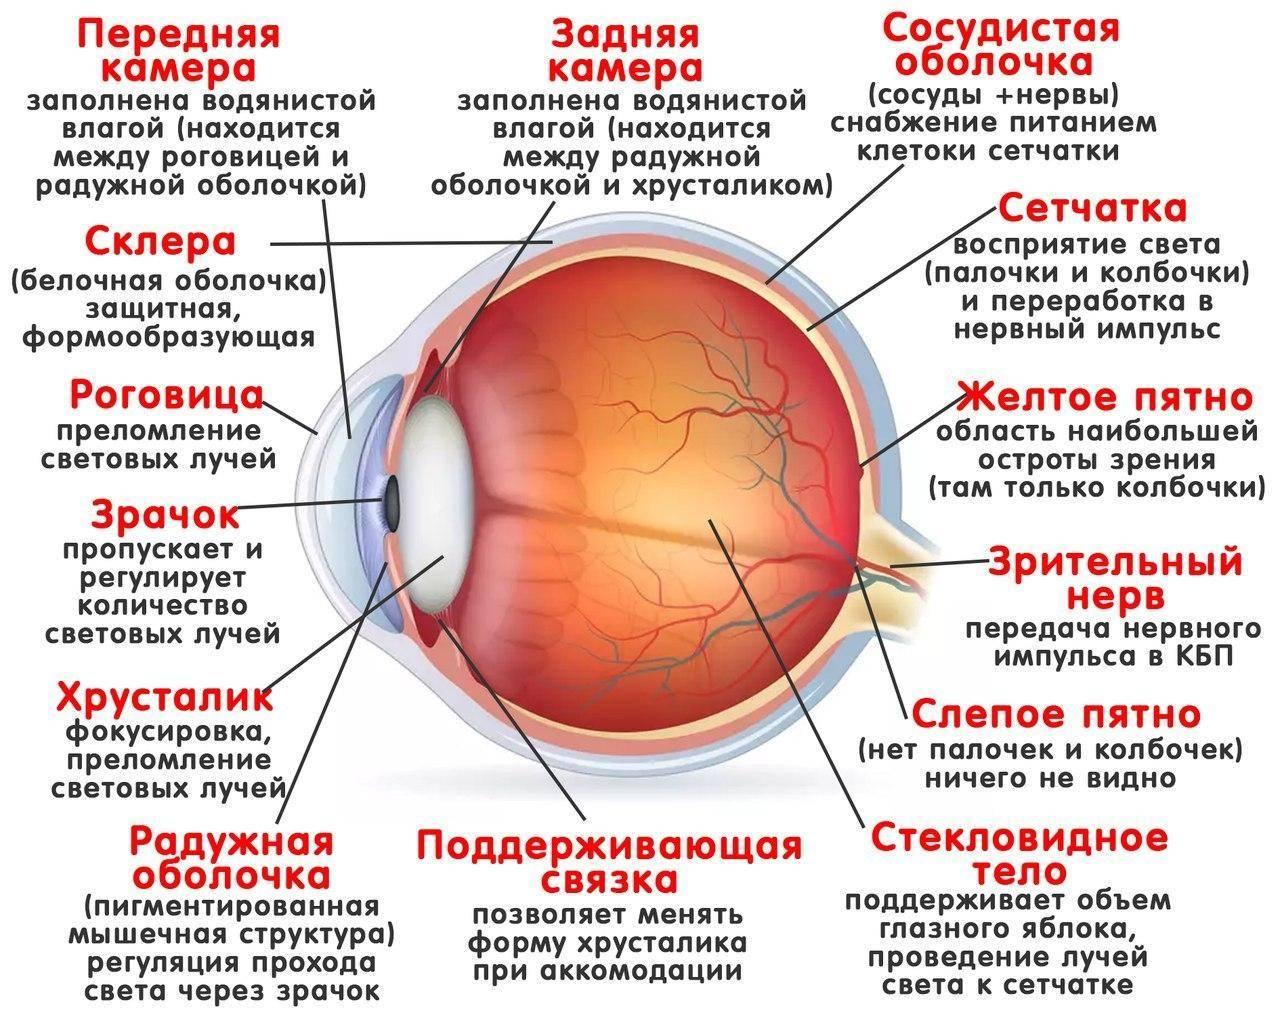 Содержимое глазного яблока: хрусталик, стекловидное тело, внутриглазная жидкость. анатомическое строение и функции